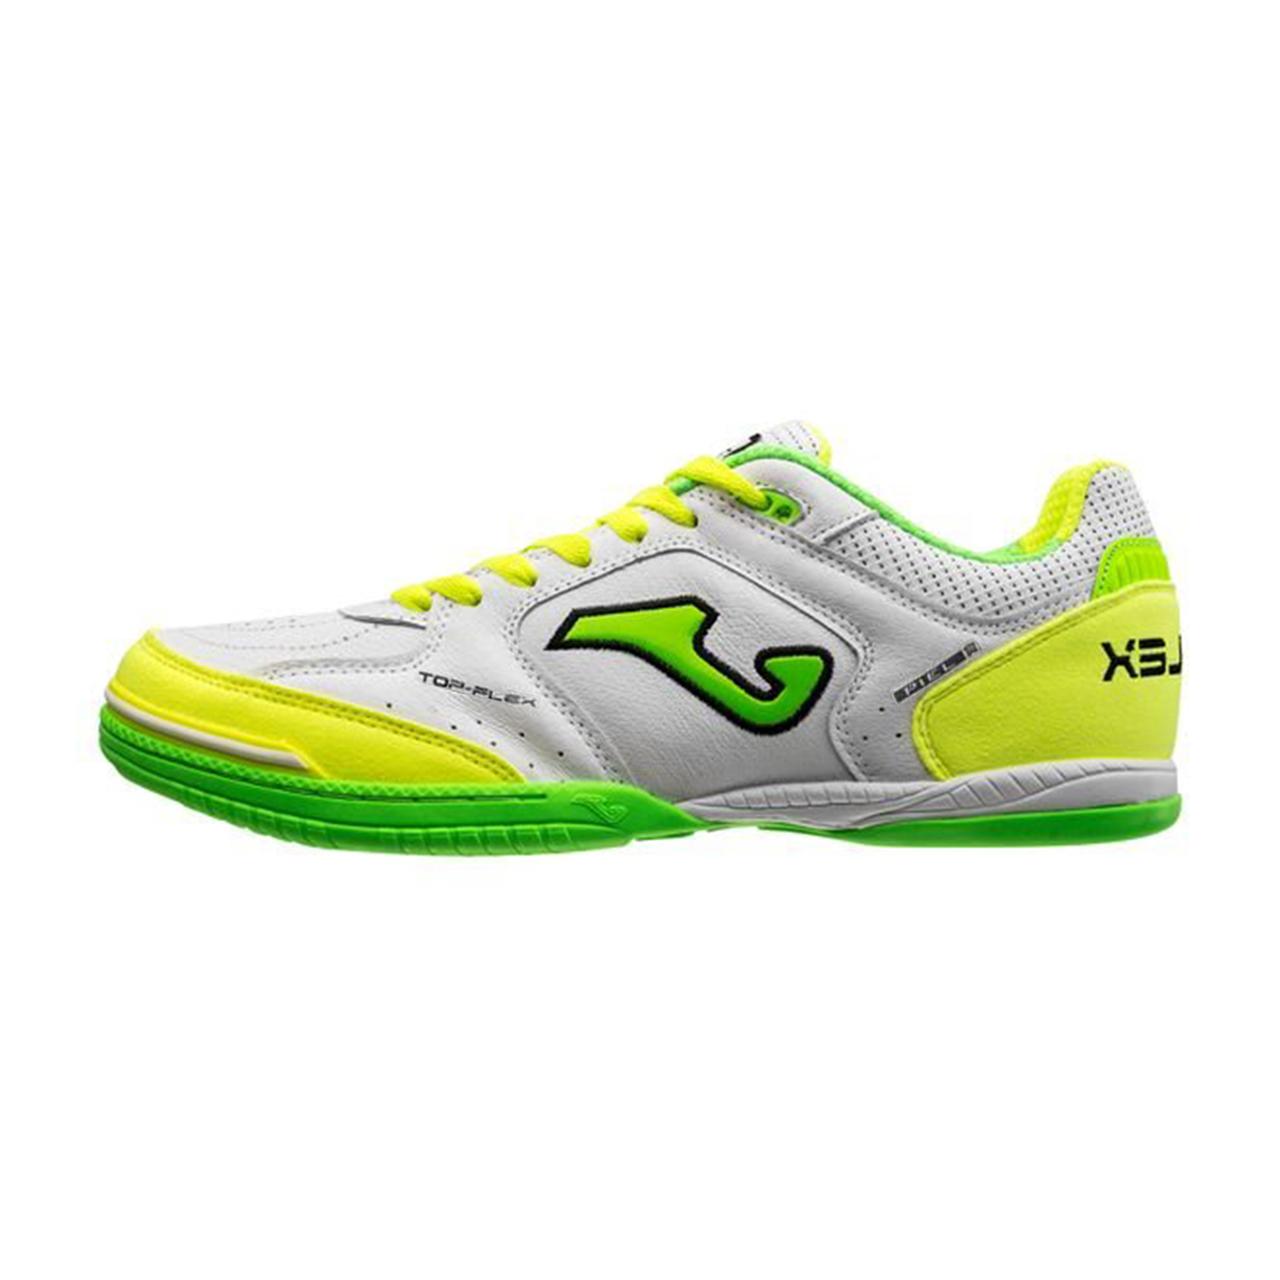 کفش فوتسال مردانه جوما مدل TOP FLEX 920